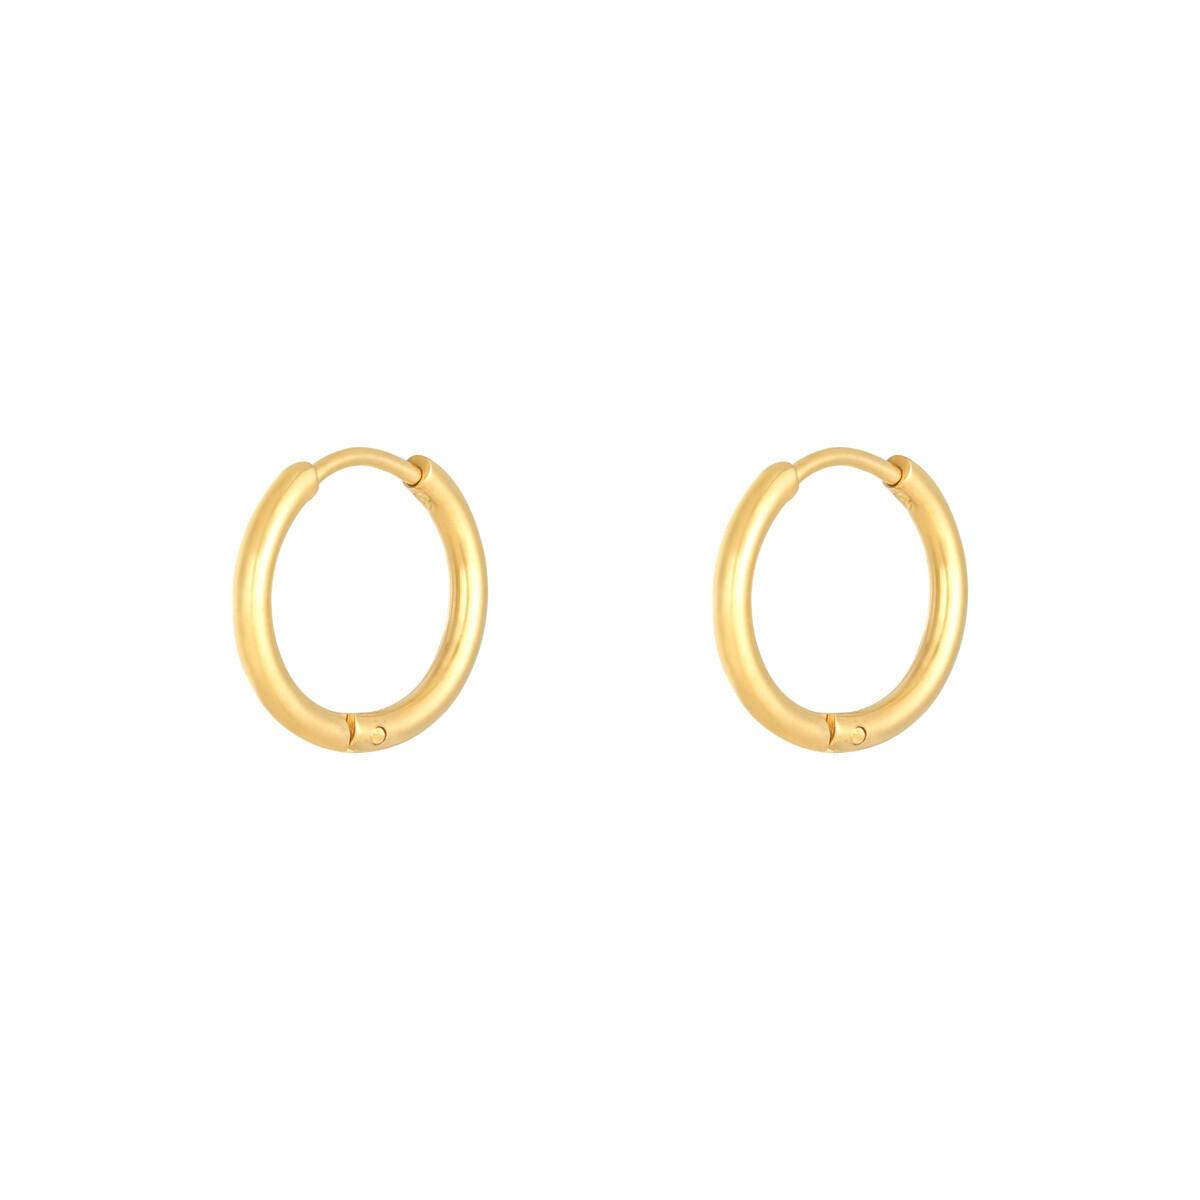 Simpele stainless steel oorringetjes goud 16 mm